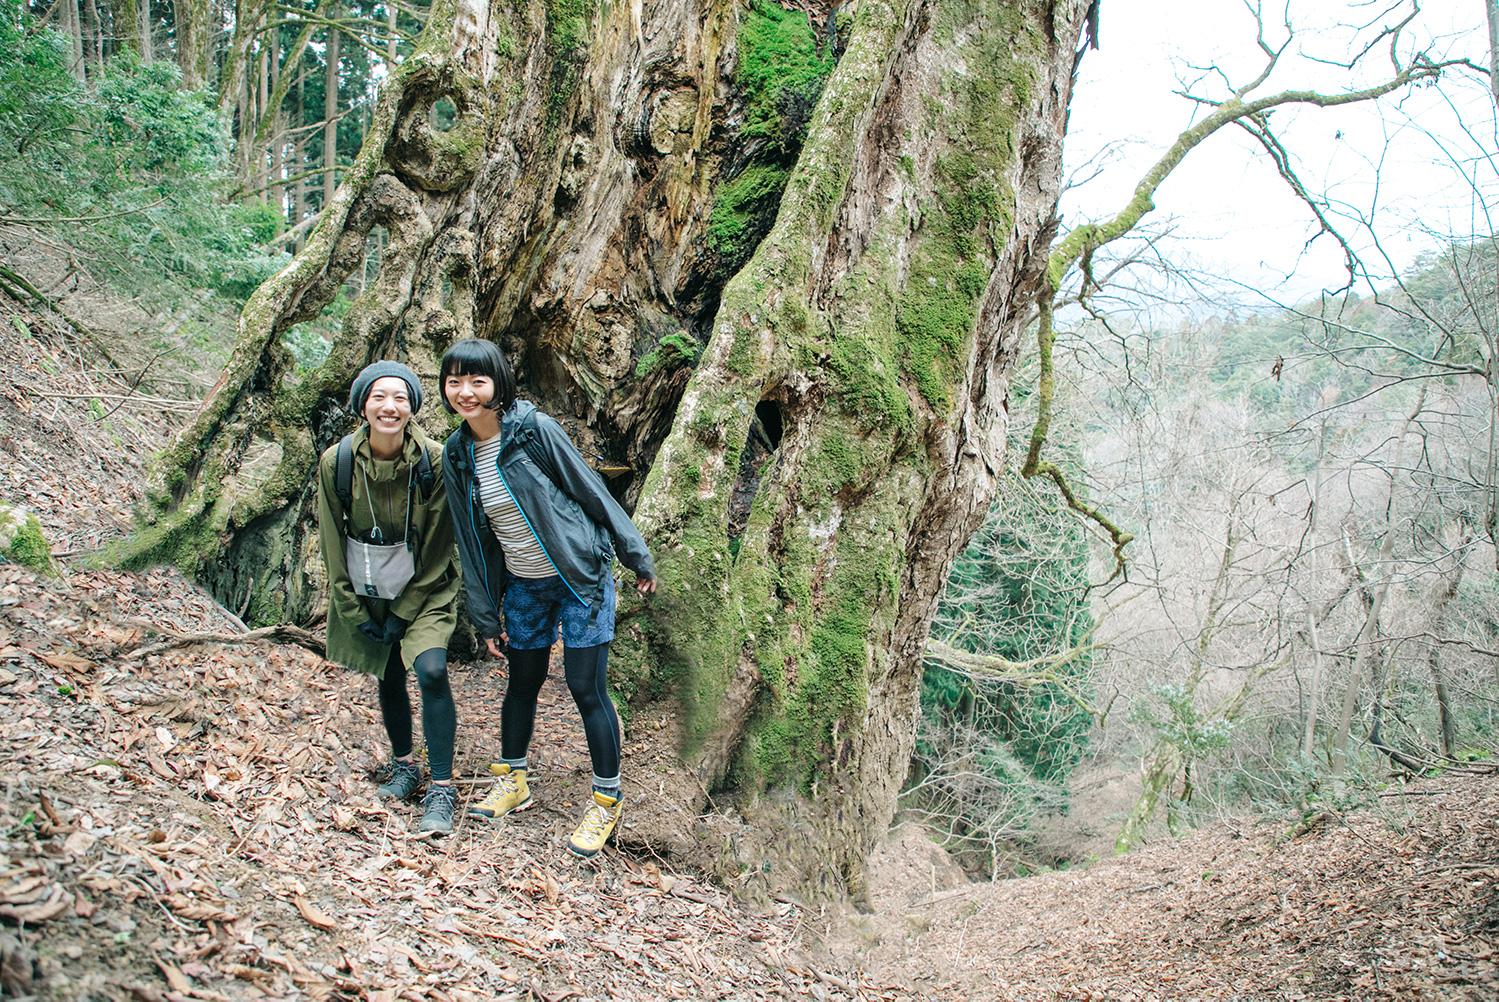 女子の身も心も満たしてくれる「京都デトックス山旅」〜【森の京都】綾部トレイルに行ってきた〜